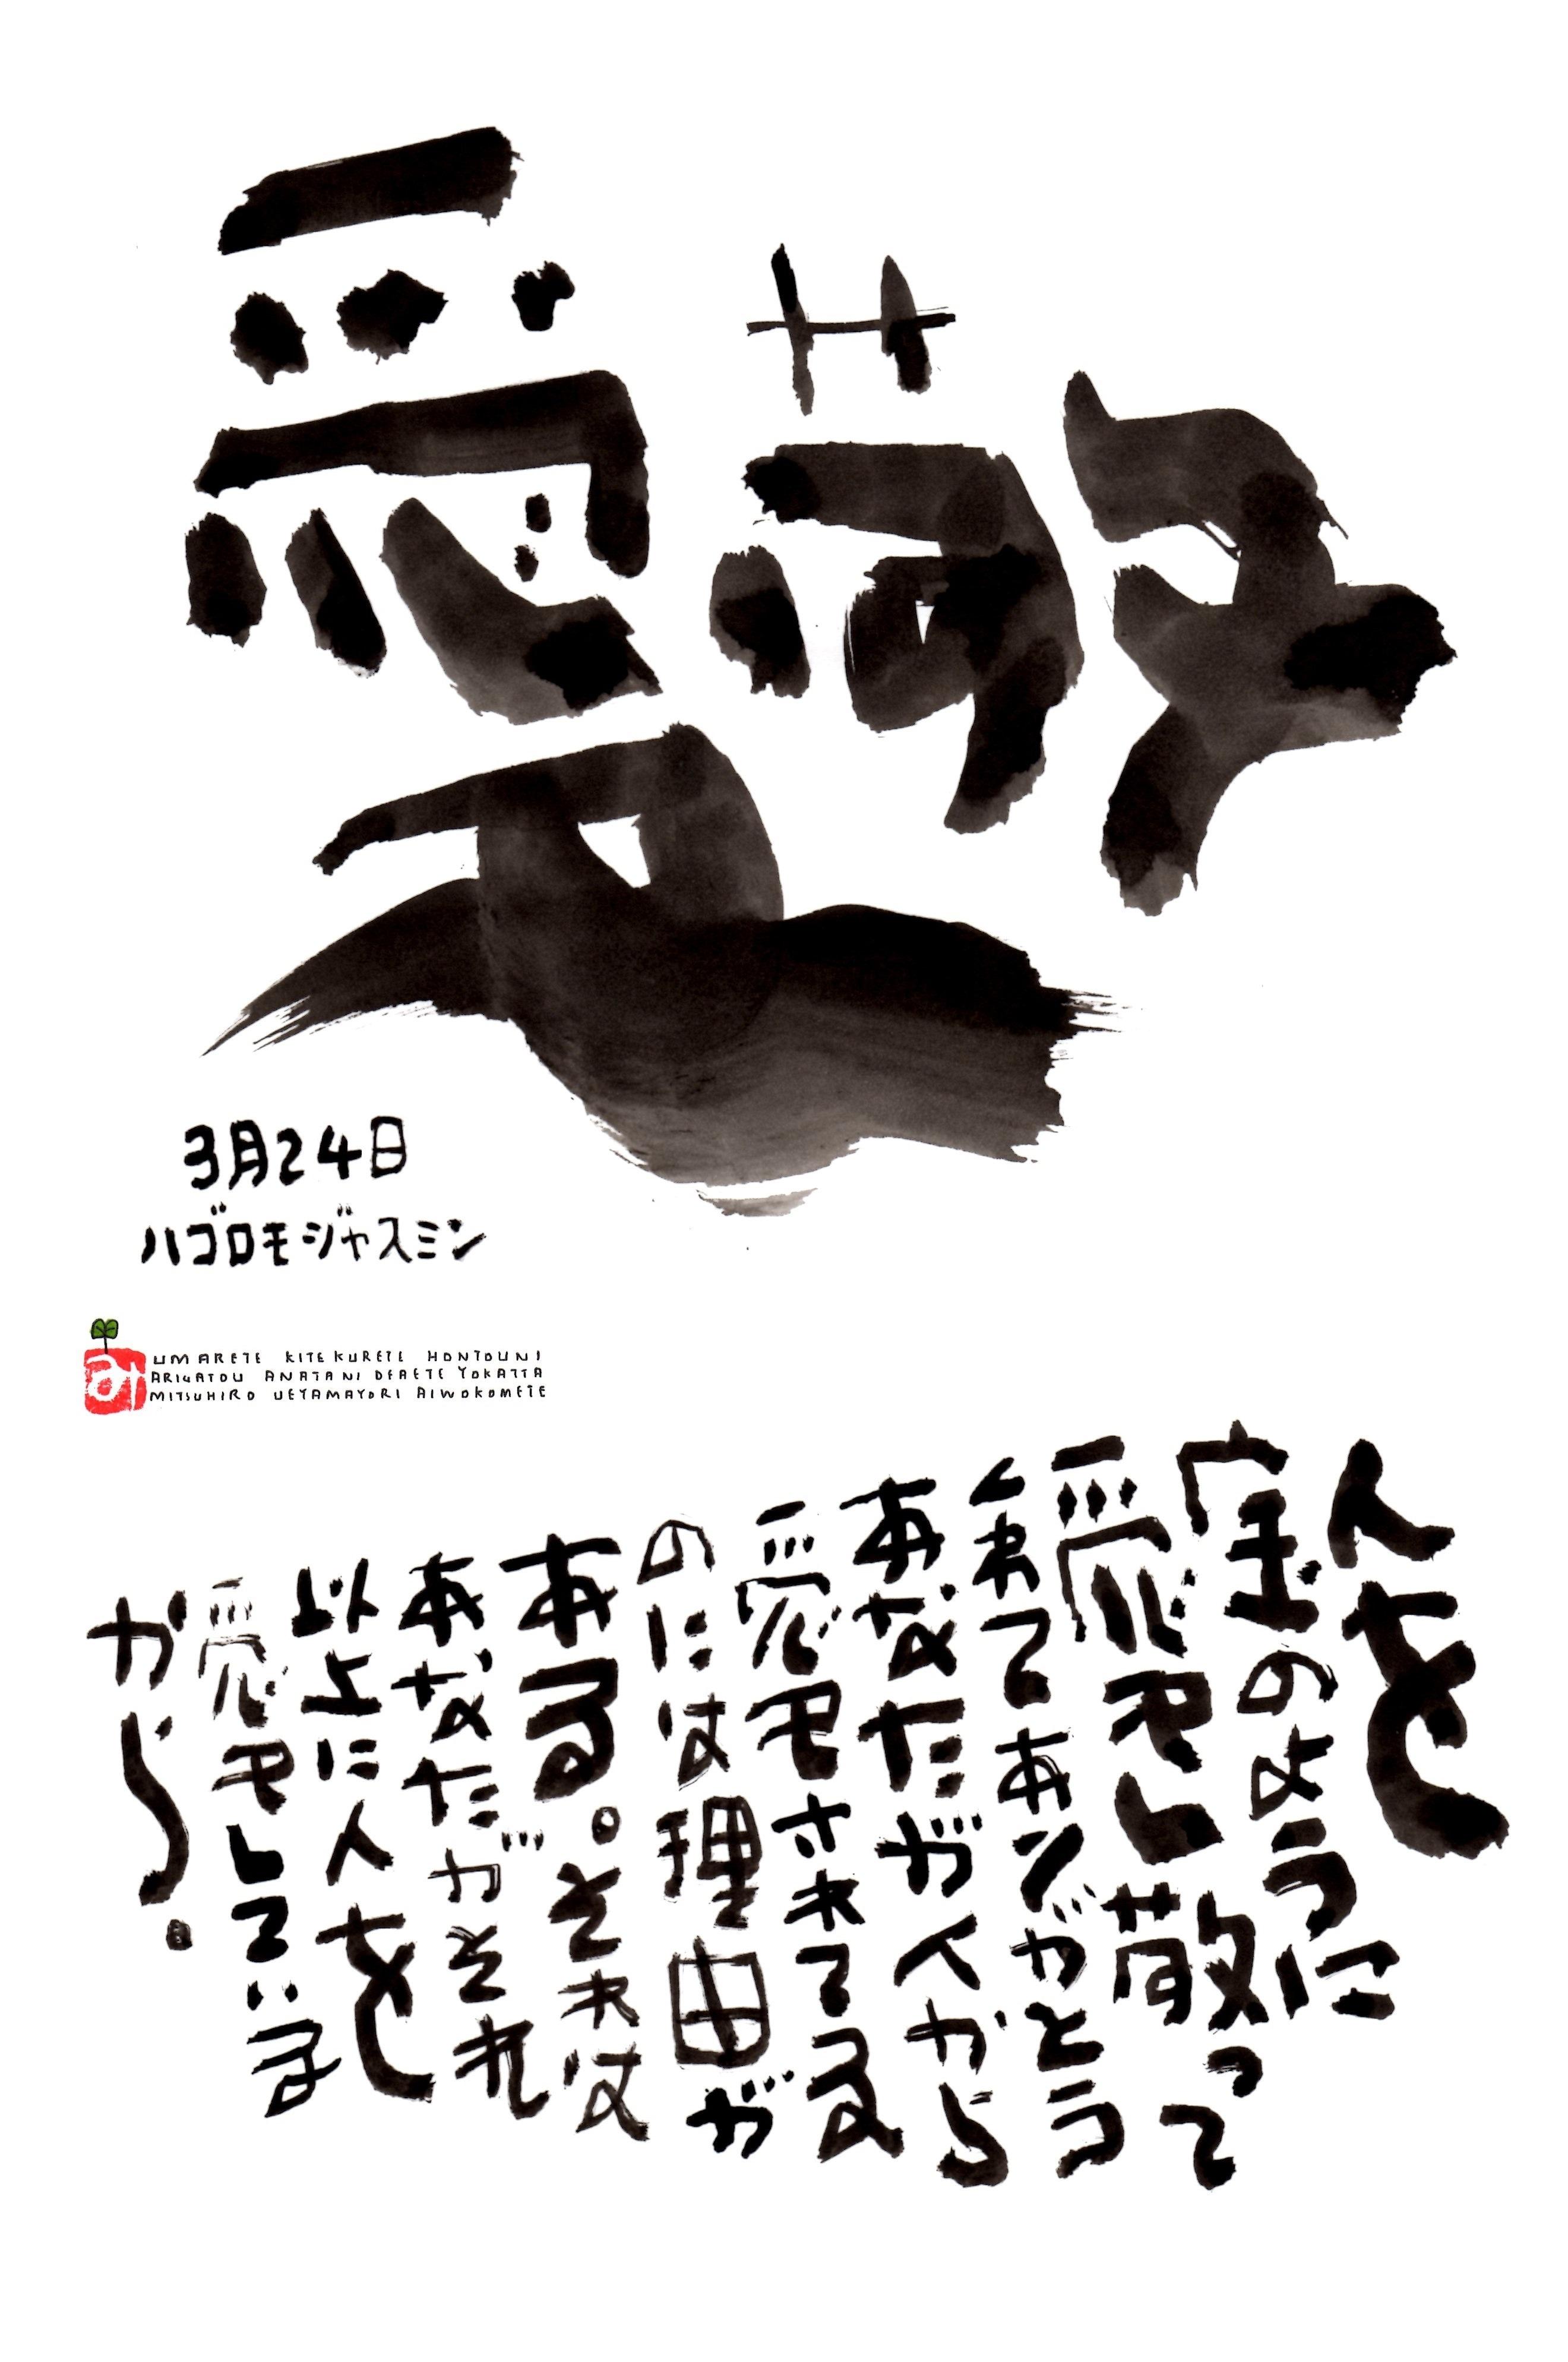 3月24日 誕生日ポストカード【愛敬】respect